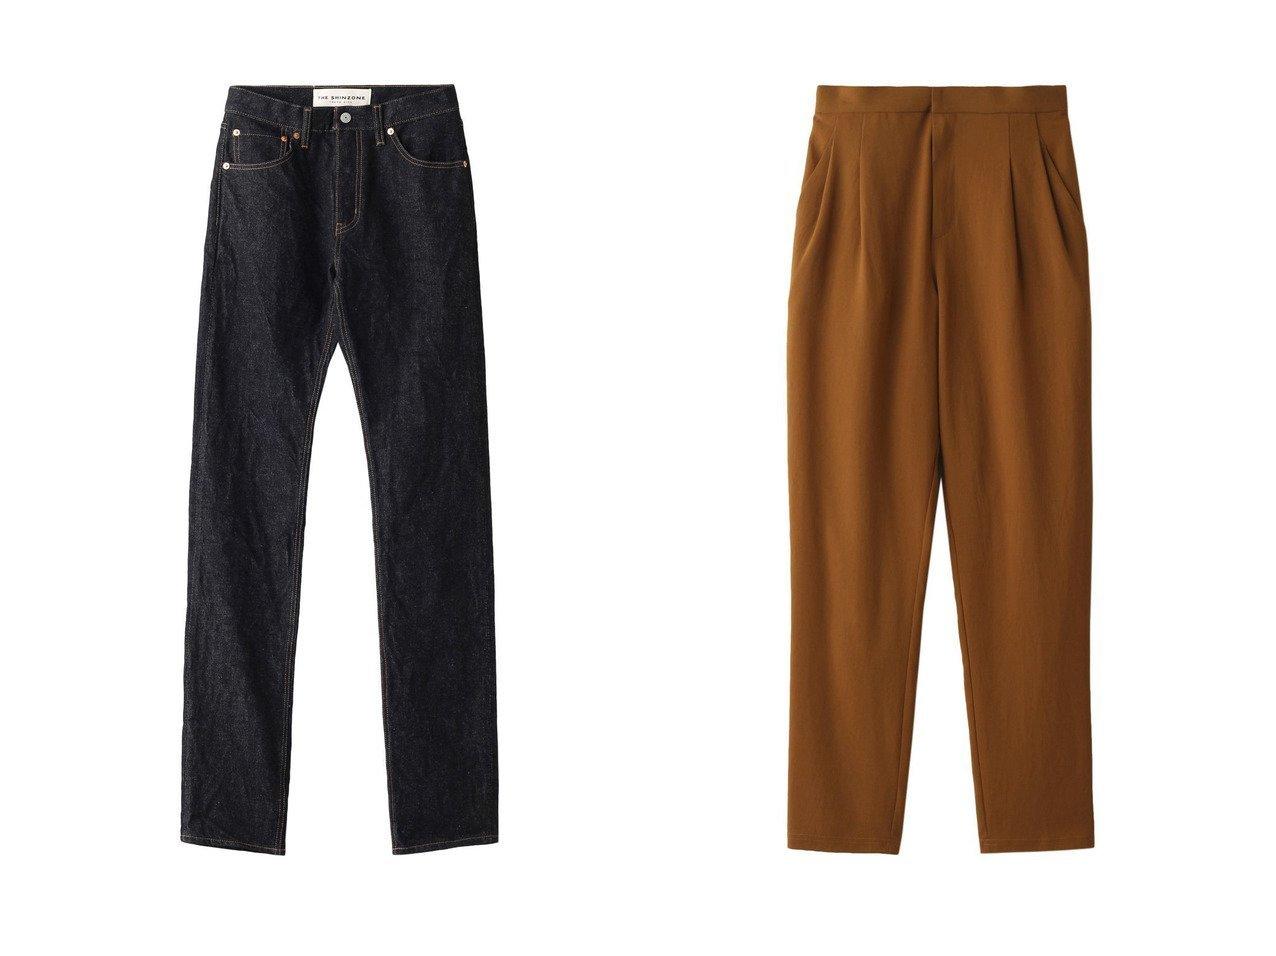 【Shinzone/シンゾーン】のFIRST JEANS デニムパンツ&【GALLARDAGALANTE/ガリャルダガランテ】のジャージージョッパーパンツ パンツのおすすめ!人気、レディースファッションの通販 おすすめで人気のファッション通販商品 インテリア・家具・キッズファッション・メンズファッション・レディースファッション・服の通販 founy(ファニー) https://founy.com/ ファッション Fashion レディース WOMEN パンツ Pants デニムパンツ Denim Pants ストレート デニム バランス 定番 シンプル ジャージー |ID:crp329100000000156